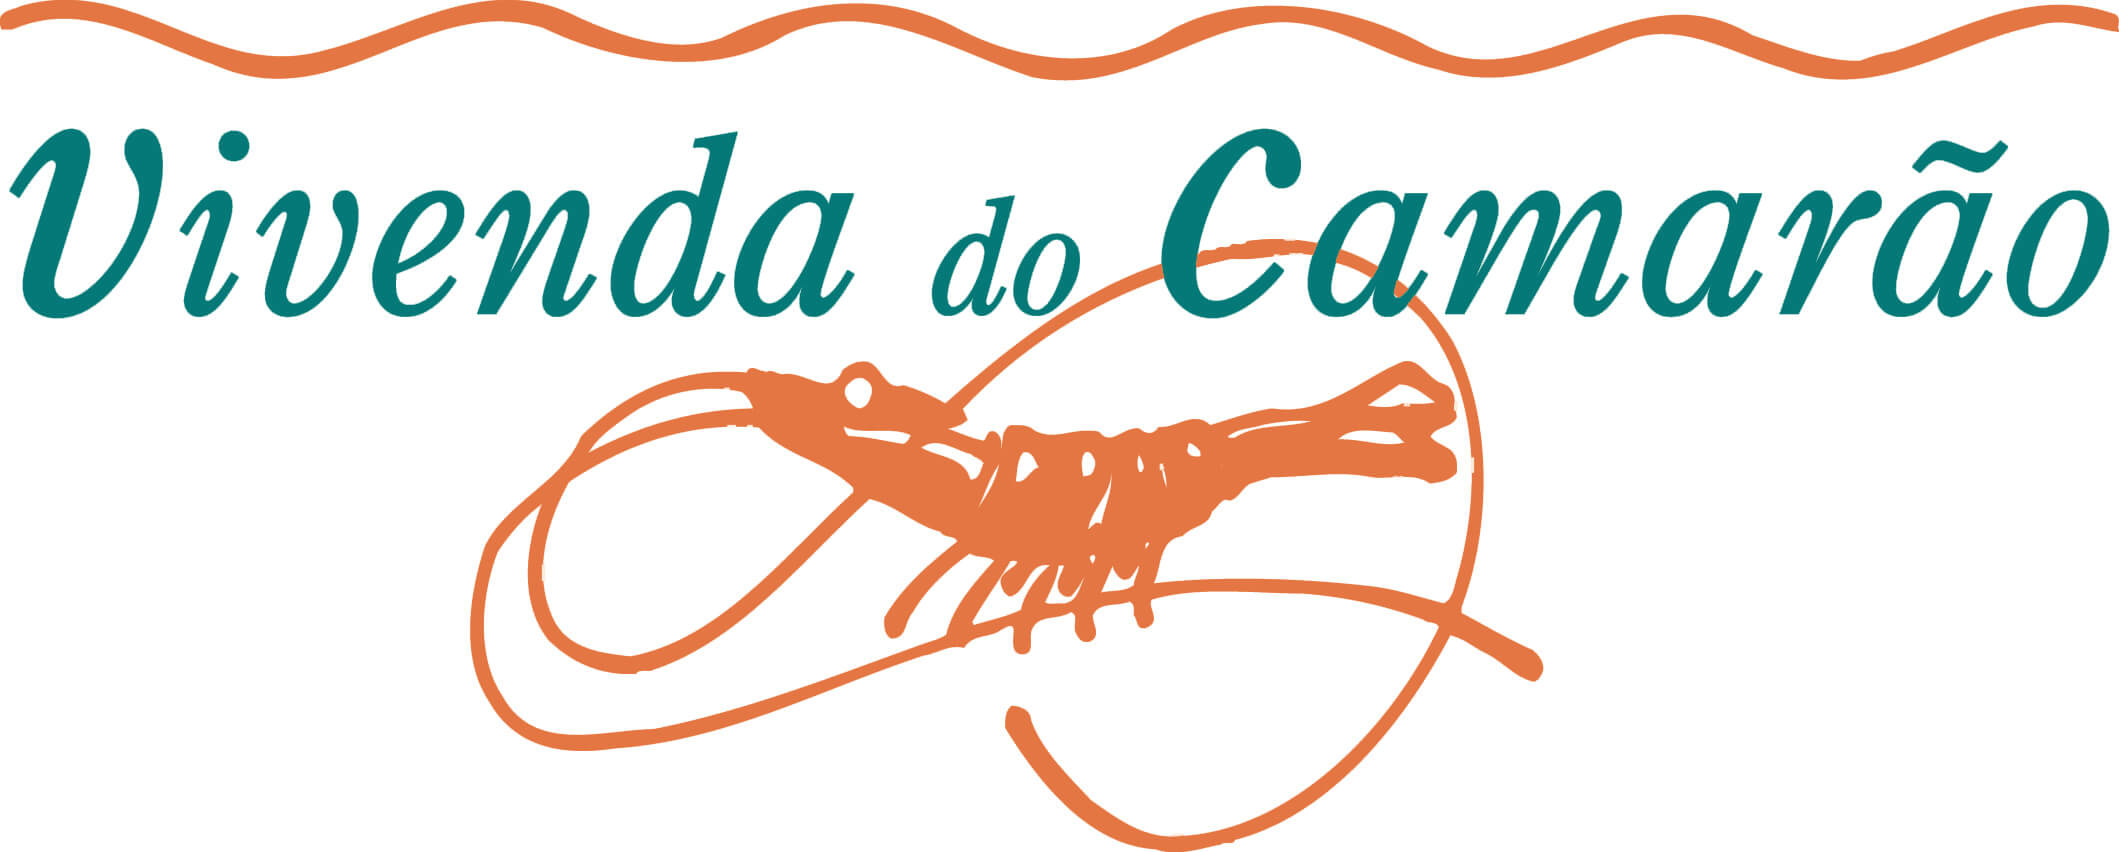 VIVENDA DO CAMARAO - Logo